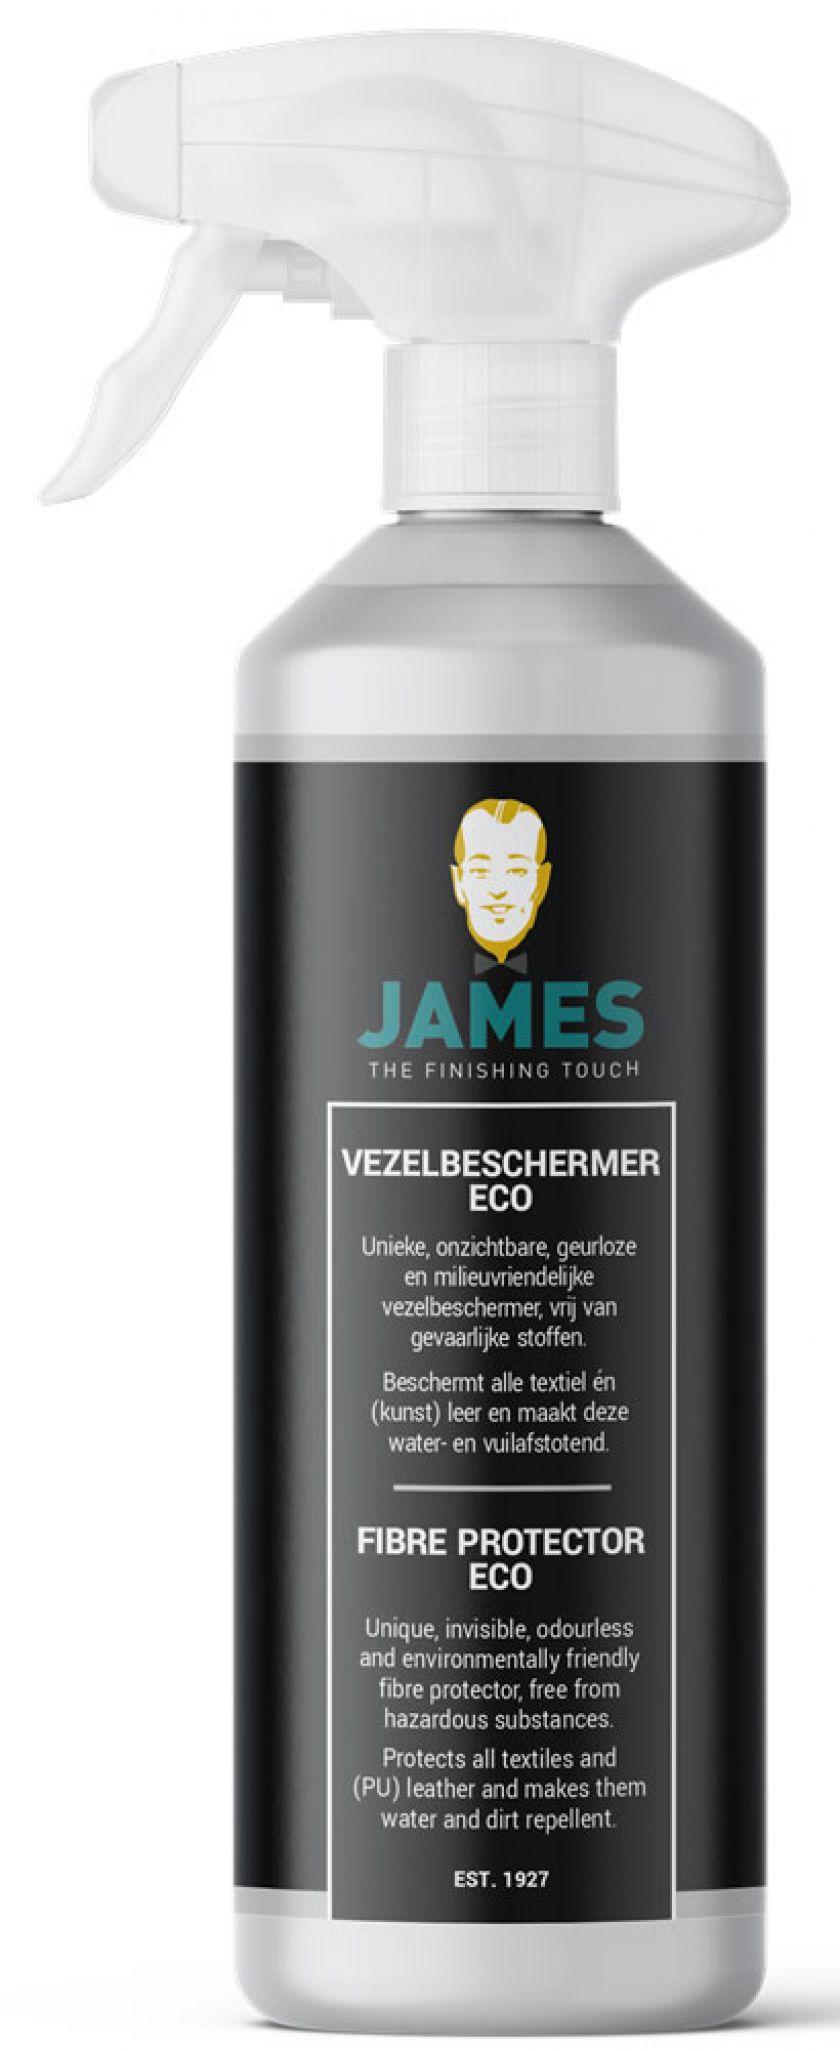 James Vezelbeschermer Eco